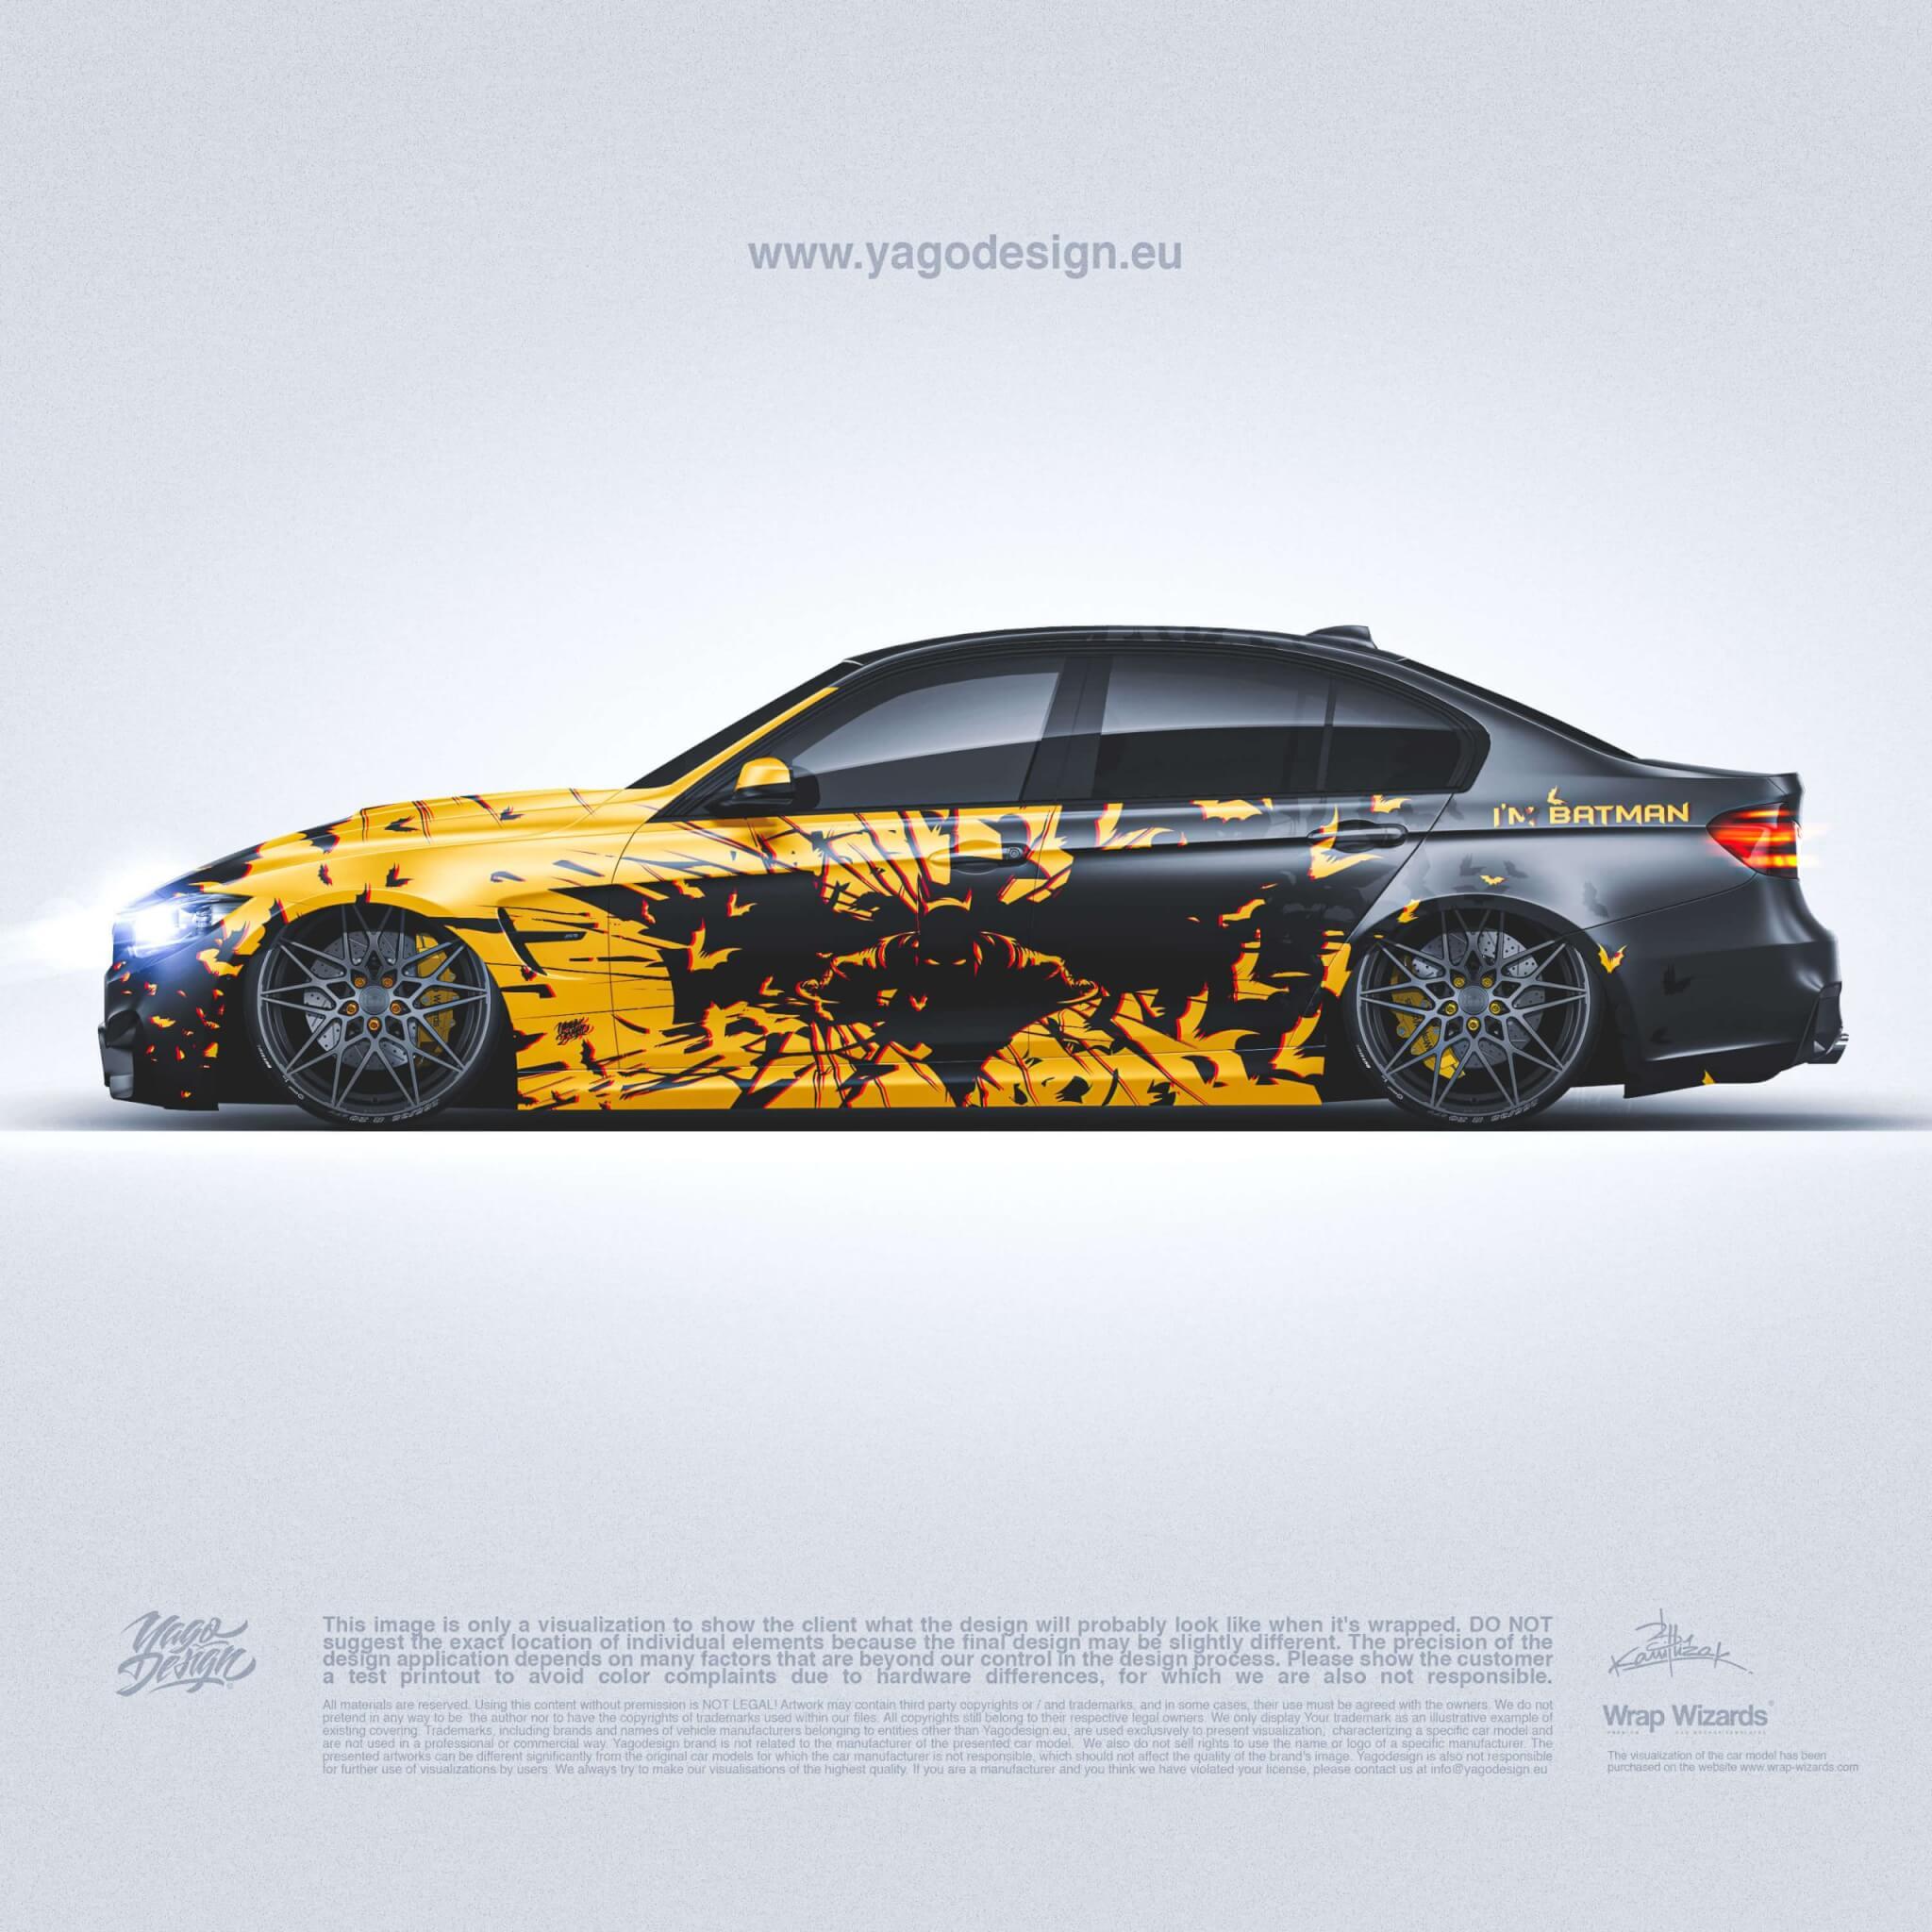 BATMAN-DESIGN-BMW-F30-BY-YAGODESIGN-SIDE-TOP